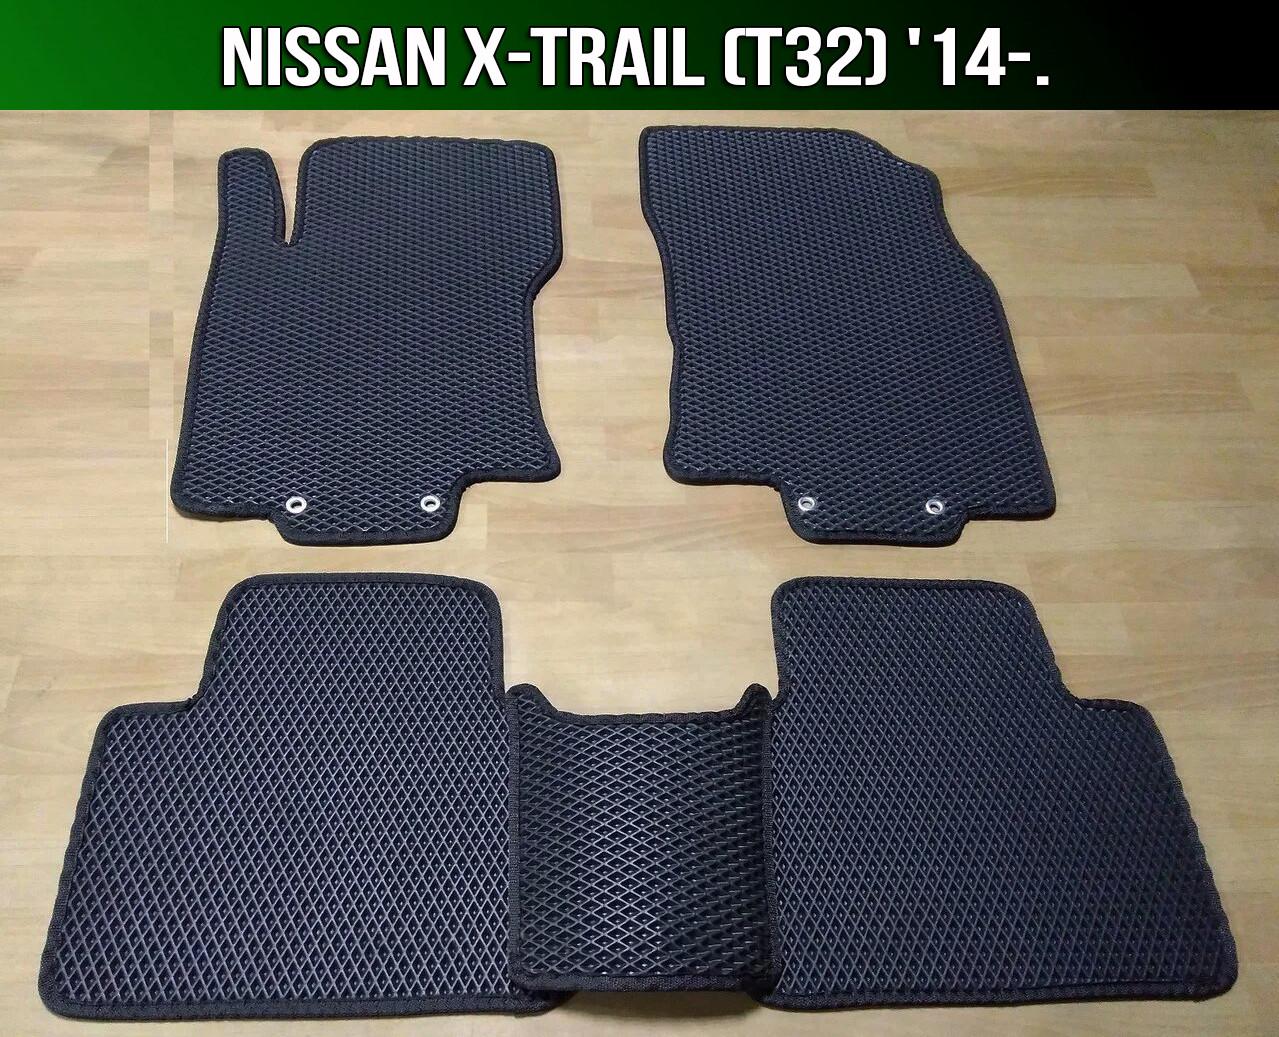 ЕВА коврики на Nissan X-Trail (T32) '14-. Ковры EVA Ниссан Х Трейл